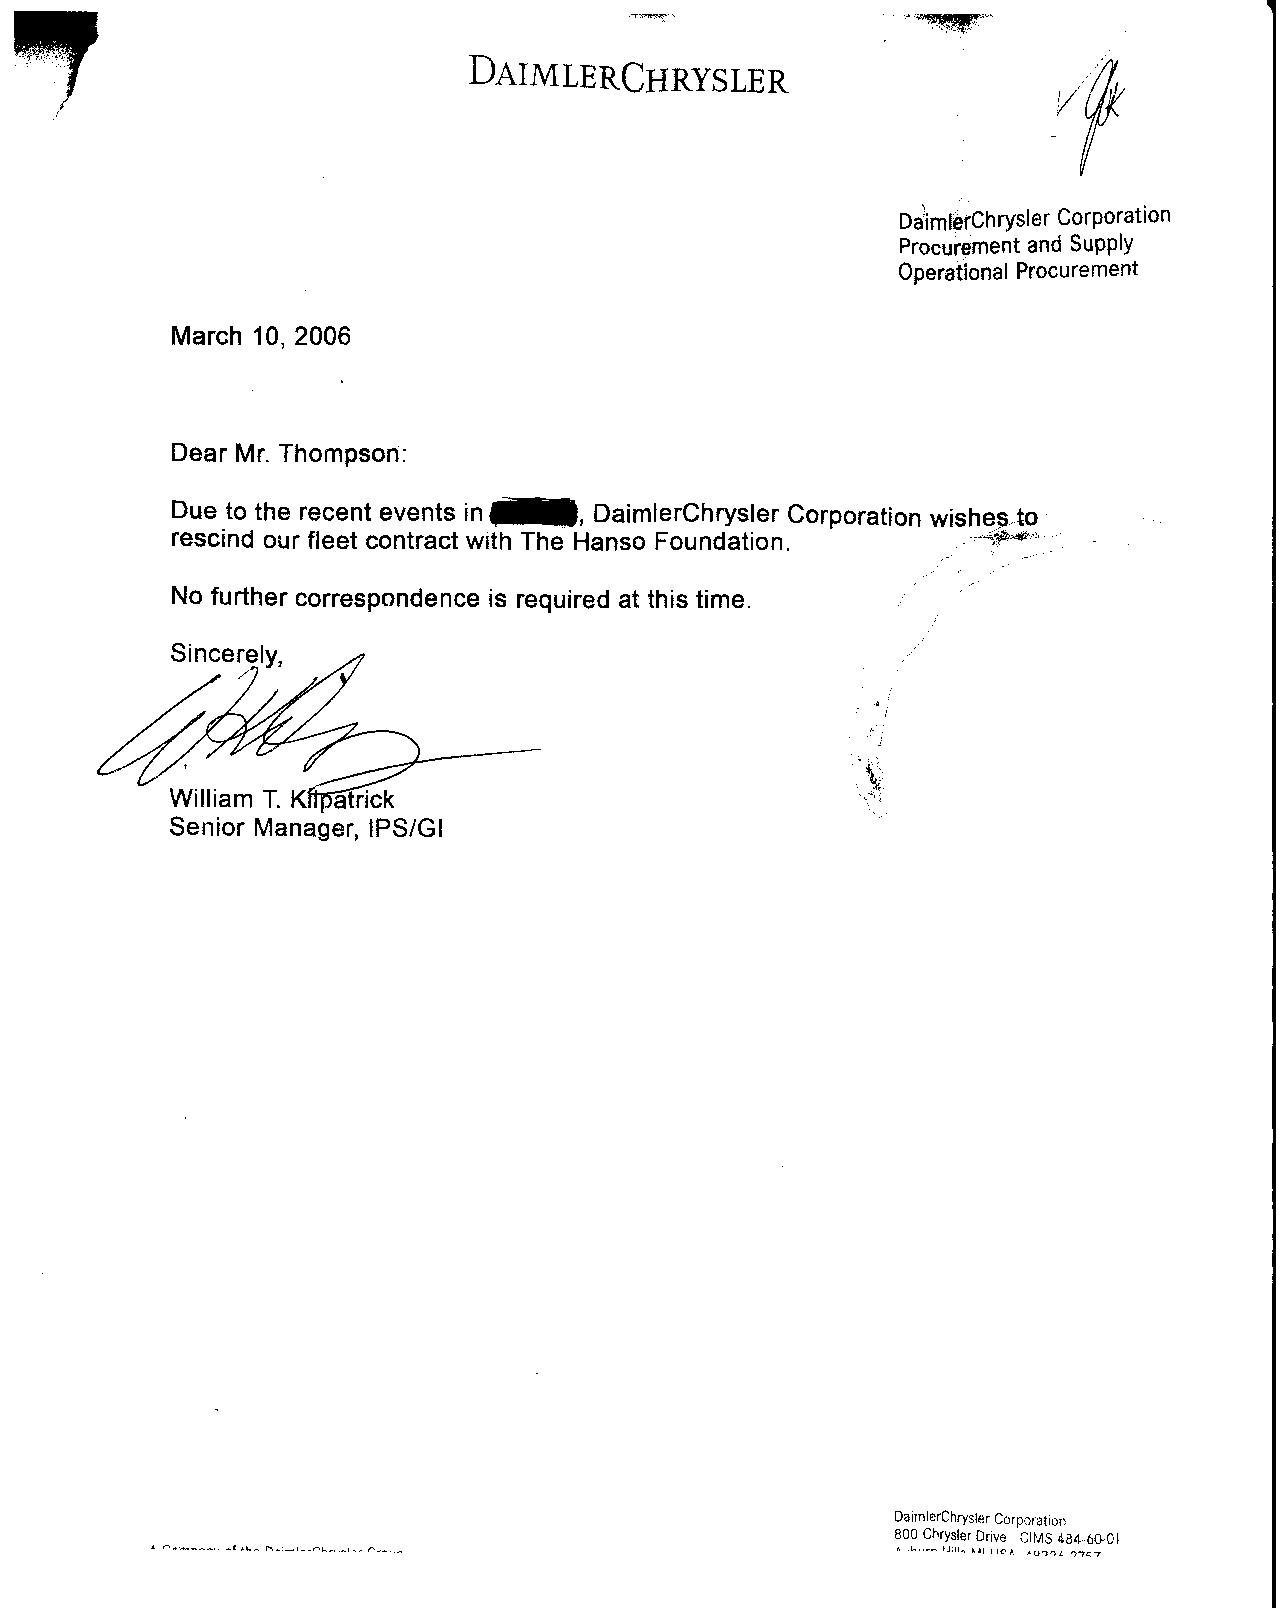 rescind resignation letter